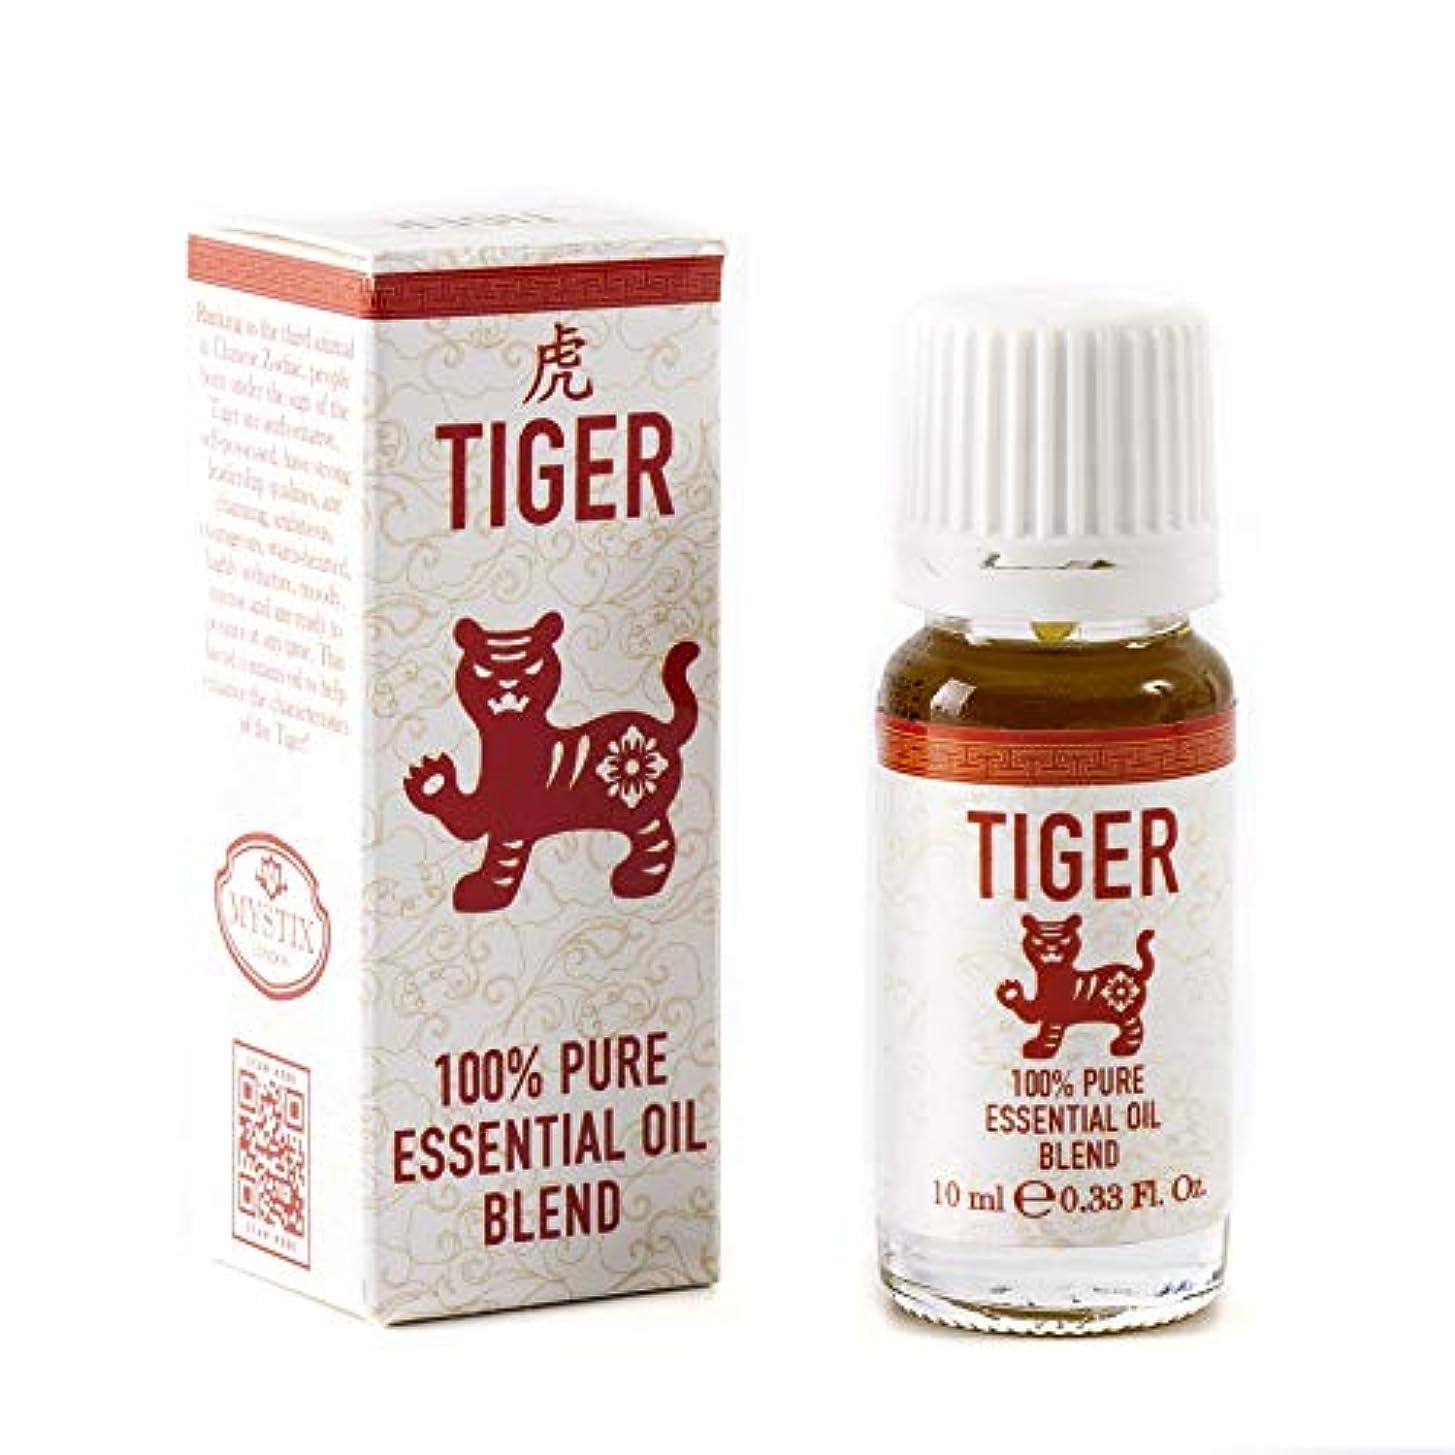 ポーターヒューマニスティック強度Mystix London   Tiger   Chinese Zodiac Essential Oil Blend 10ml